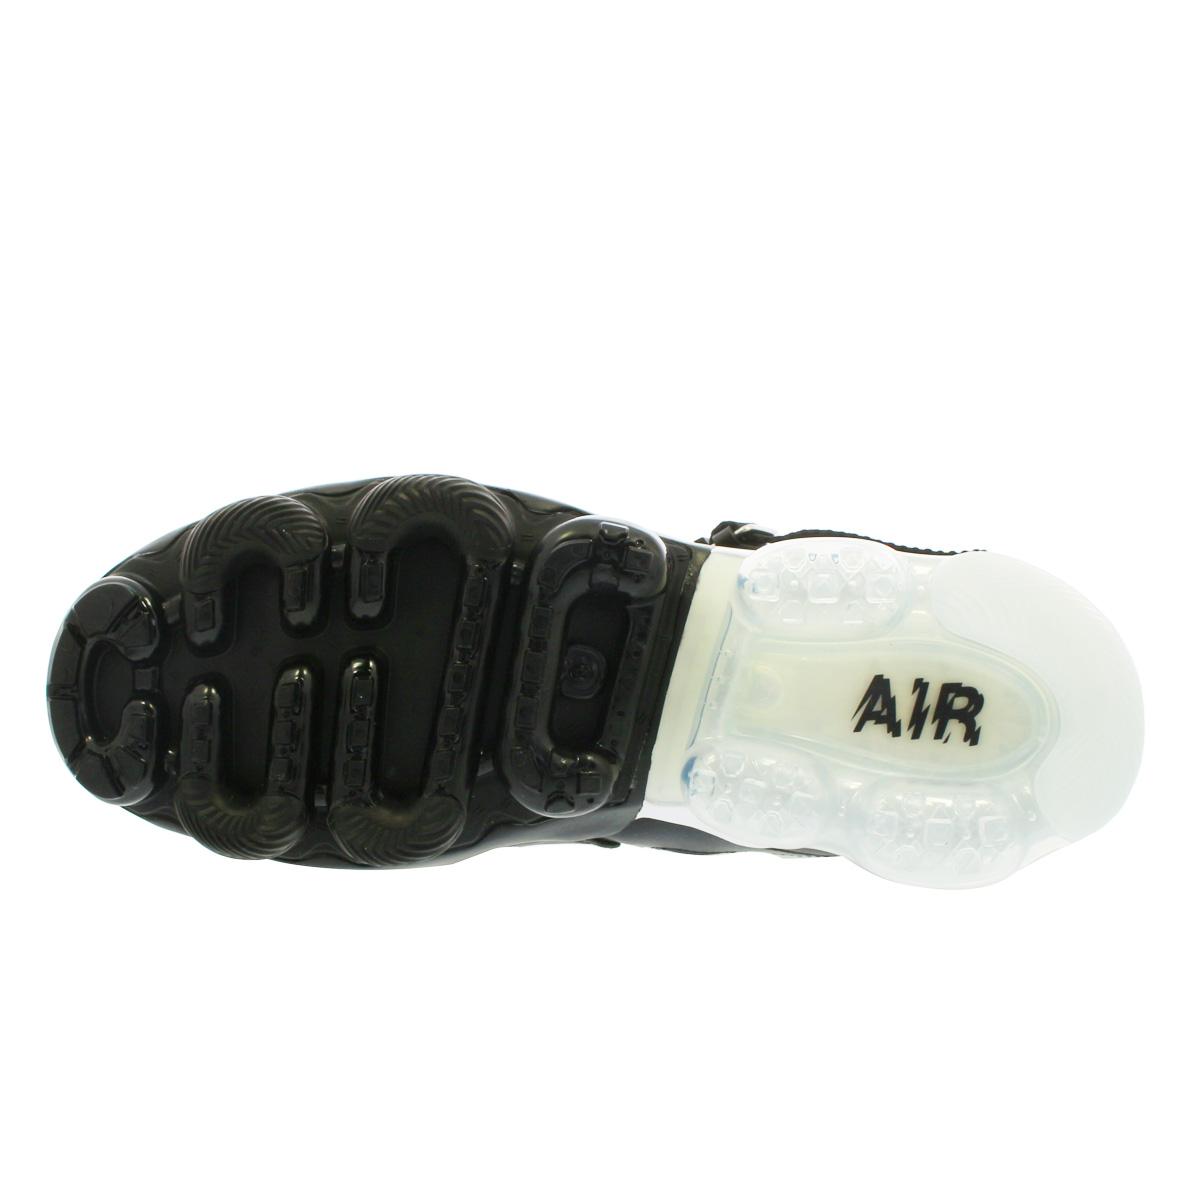 b79fa67a75279 NIKE VAPORMAX PREMIER FLYKNIT Nike vapor max premiere fly knit BLACK  METALLIC SILVER WHITE ao3241-002